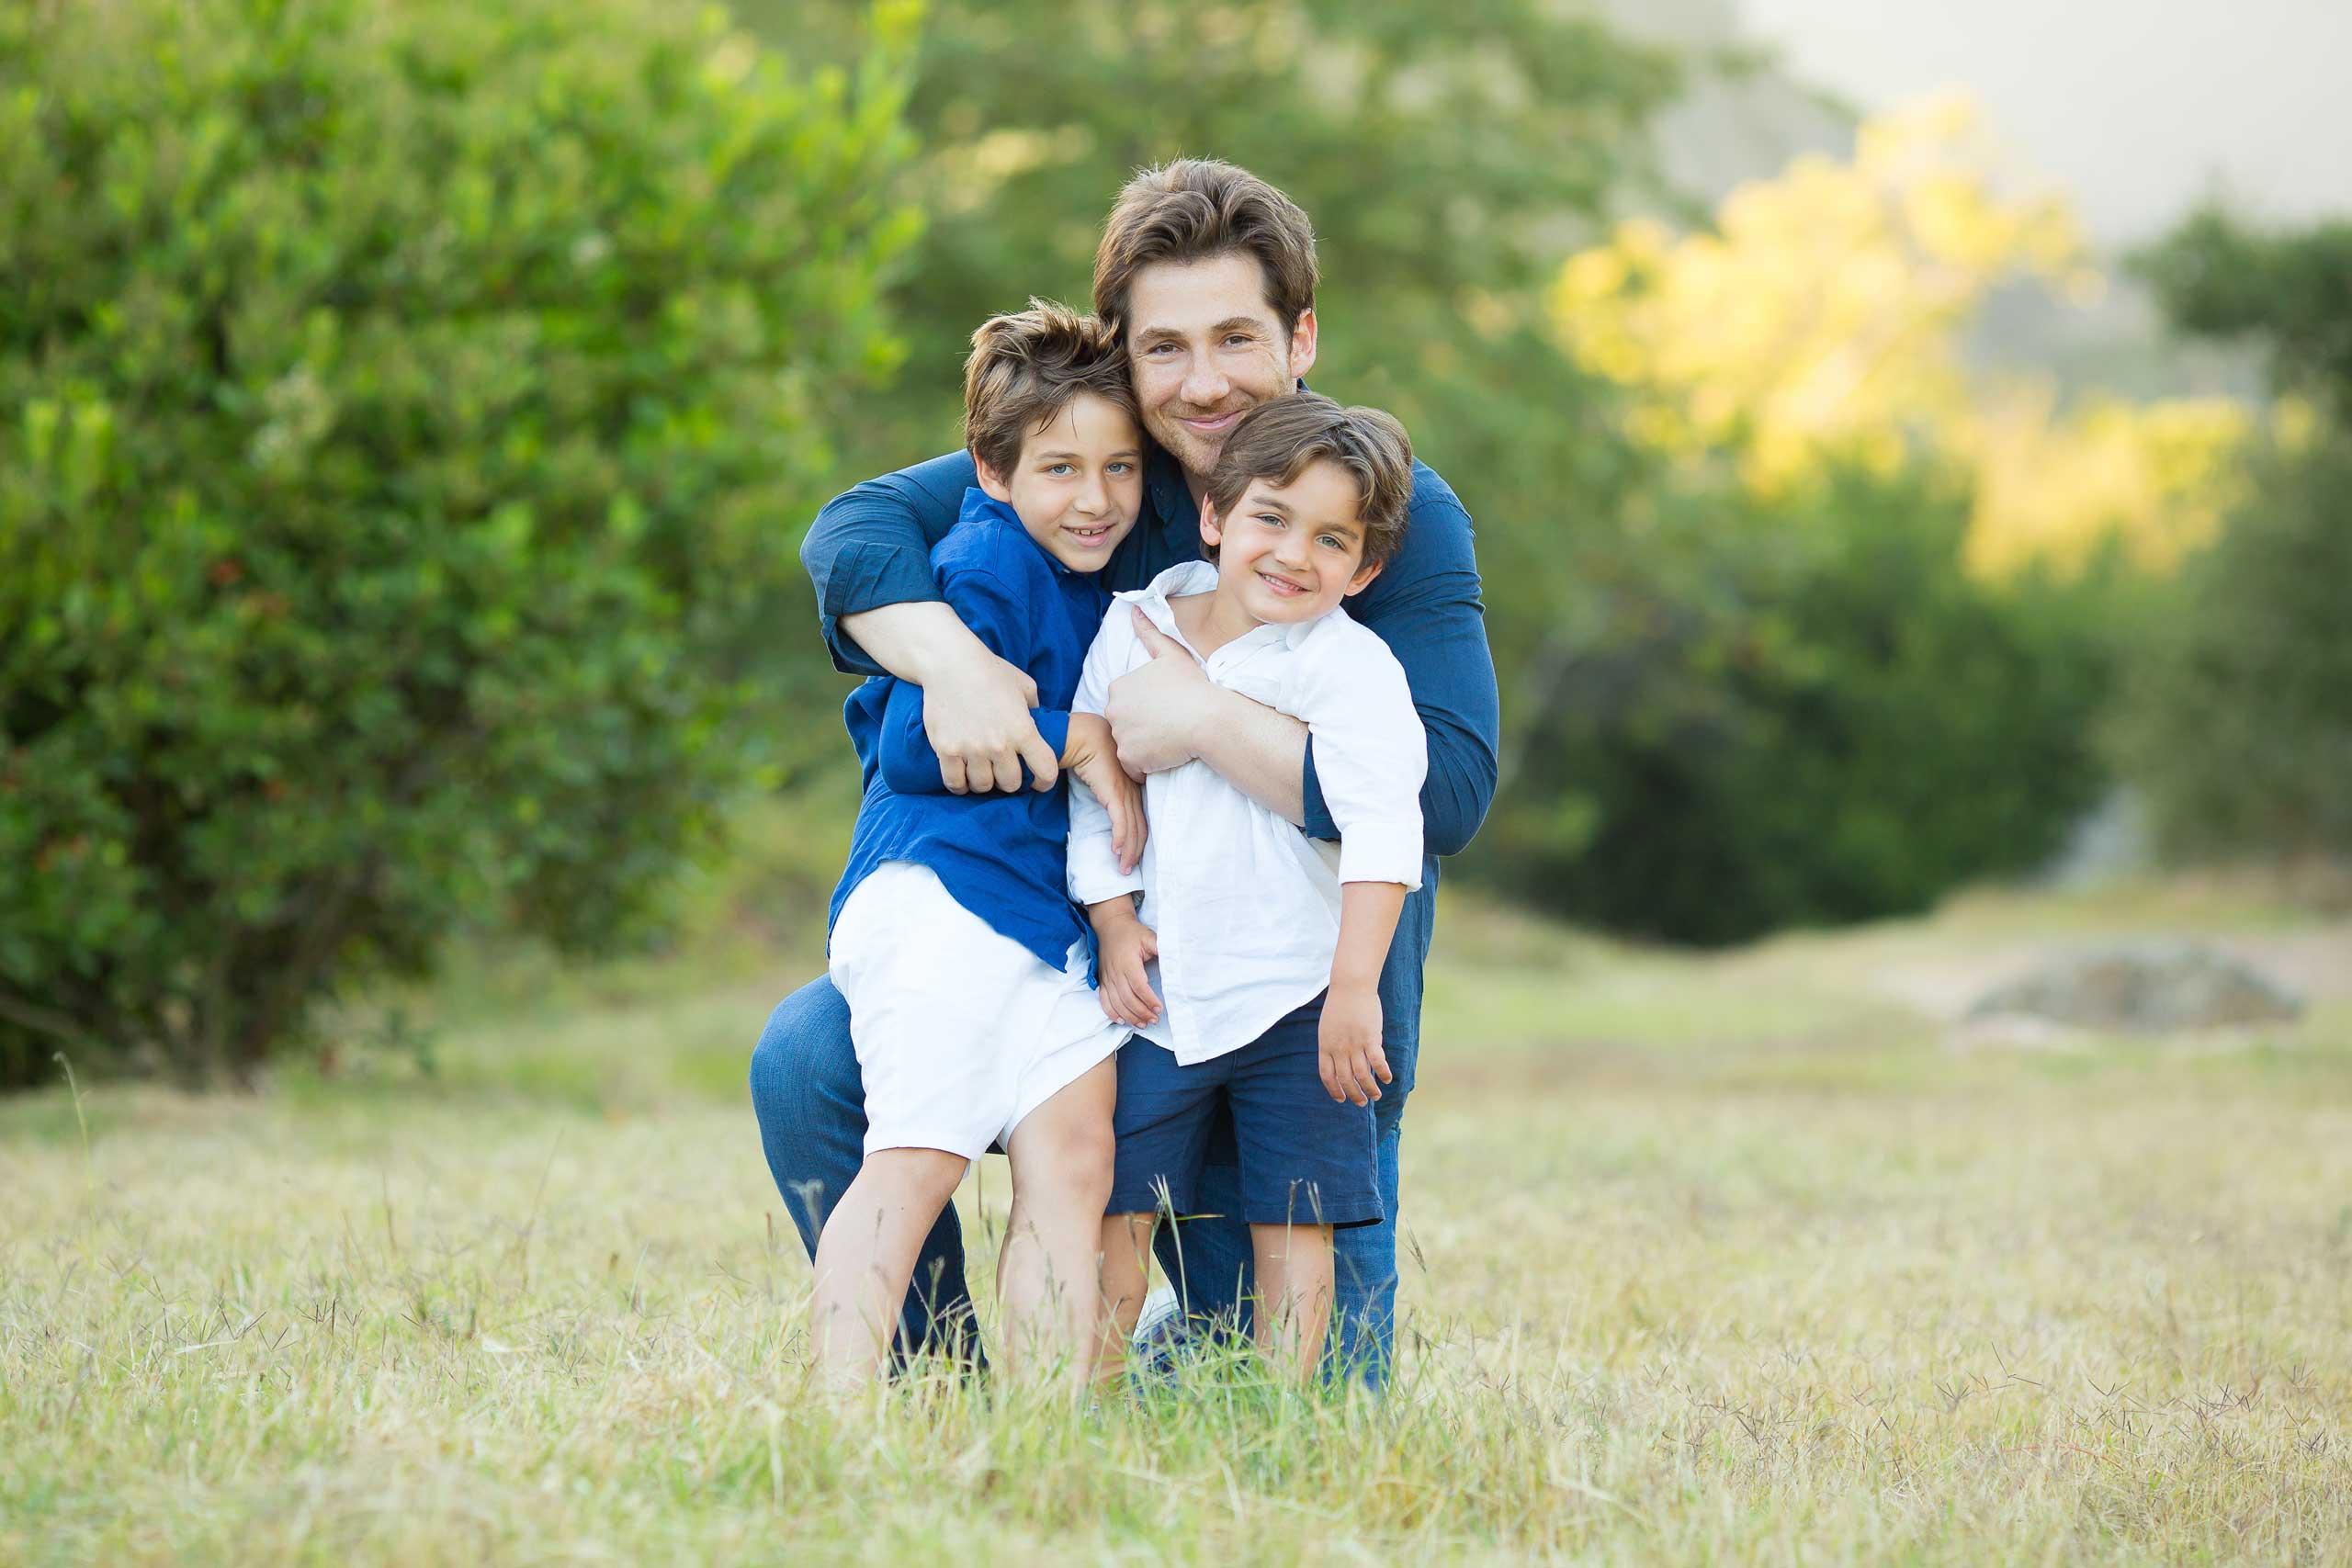 family photosession los angeles ramina magid 2342